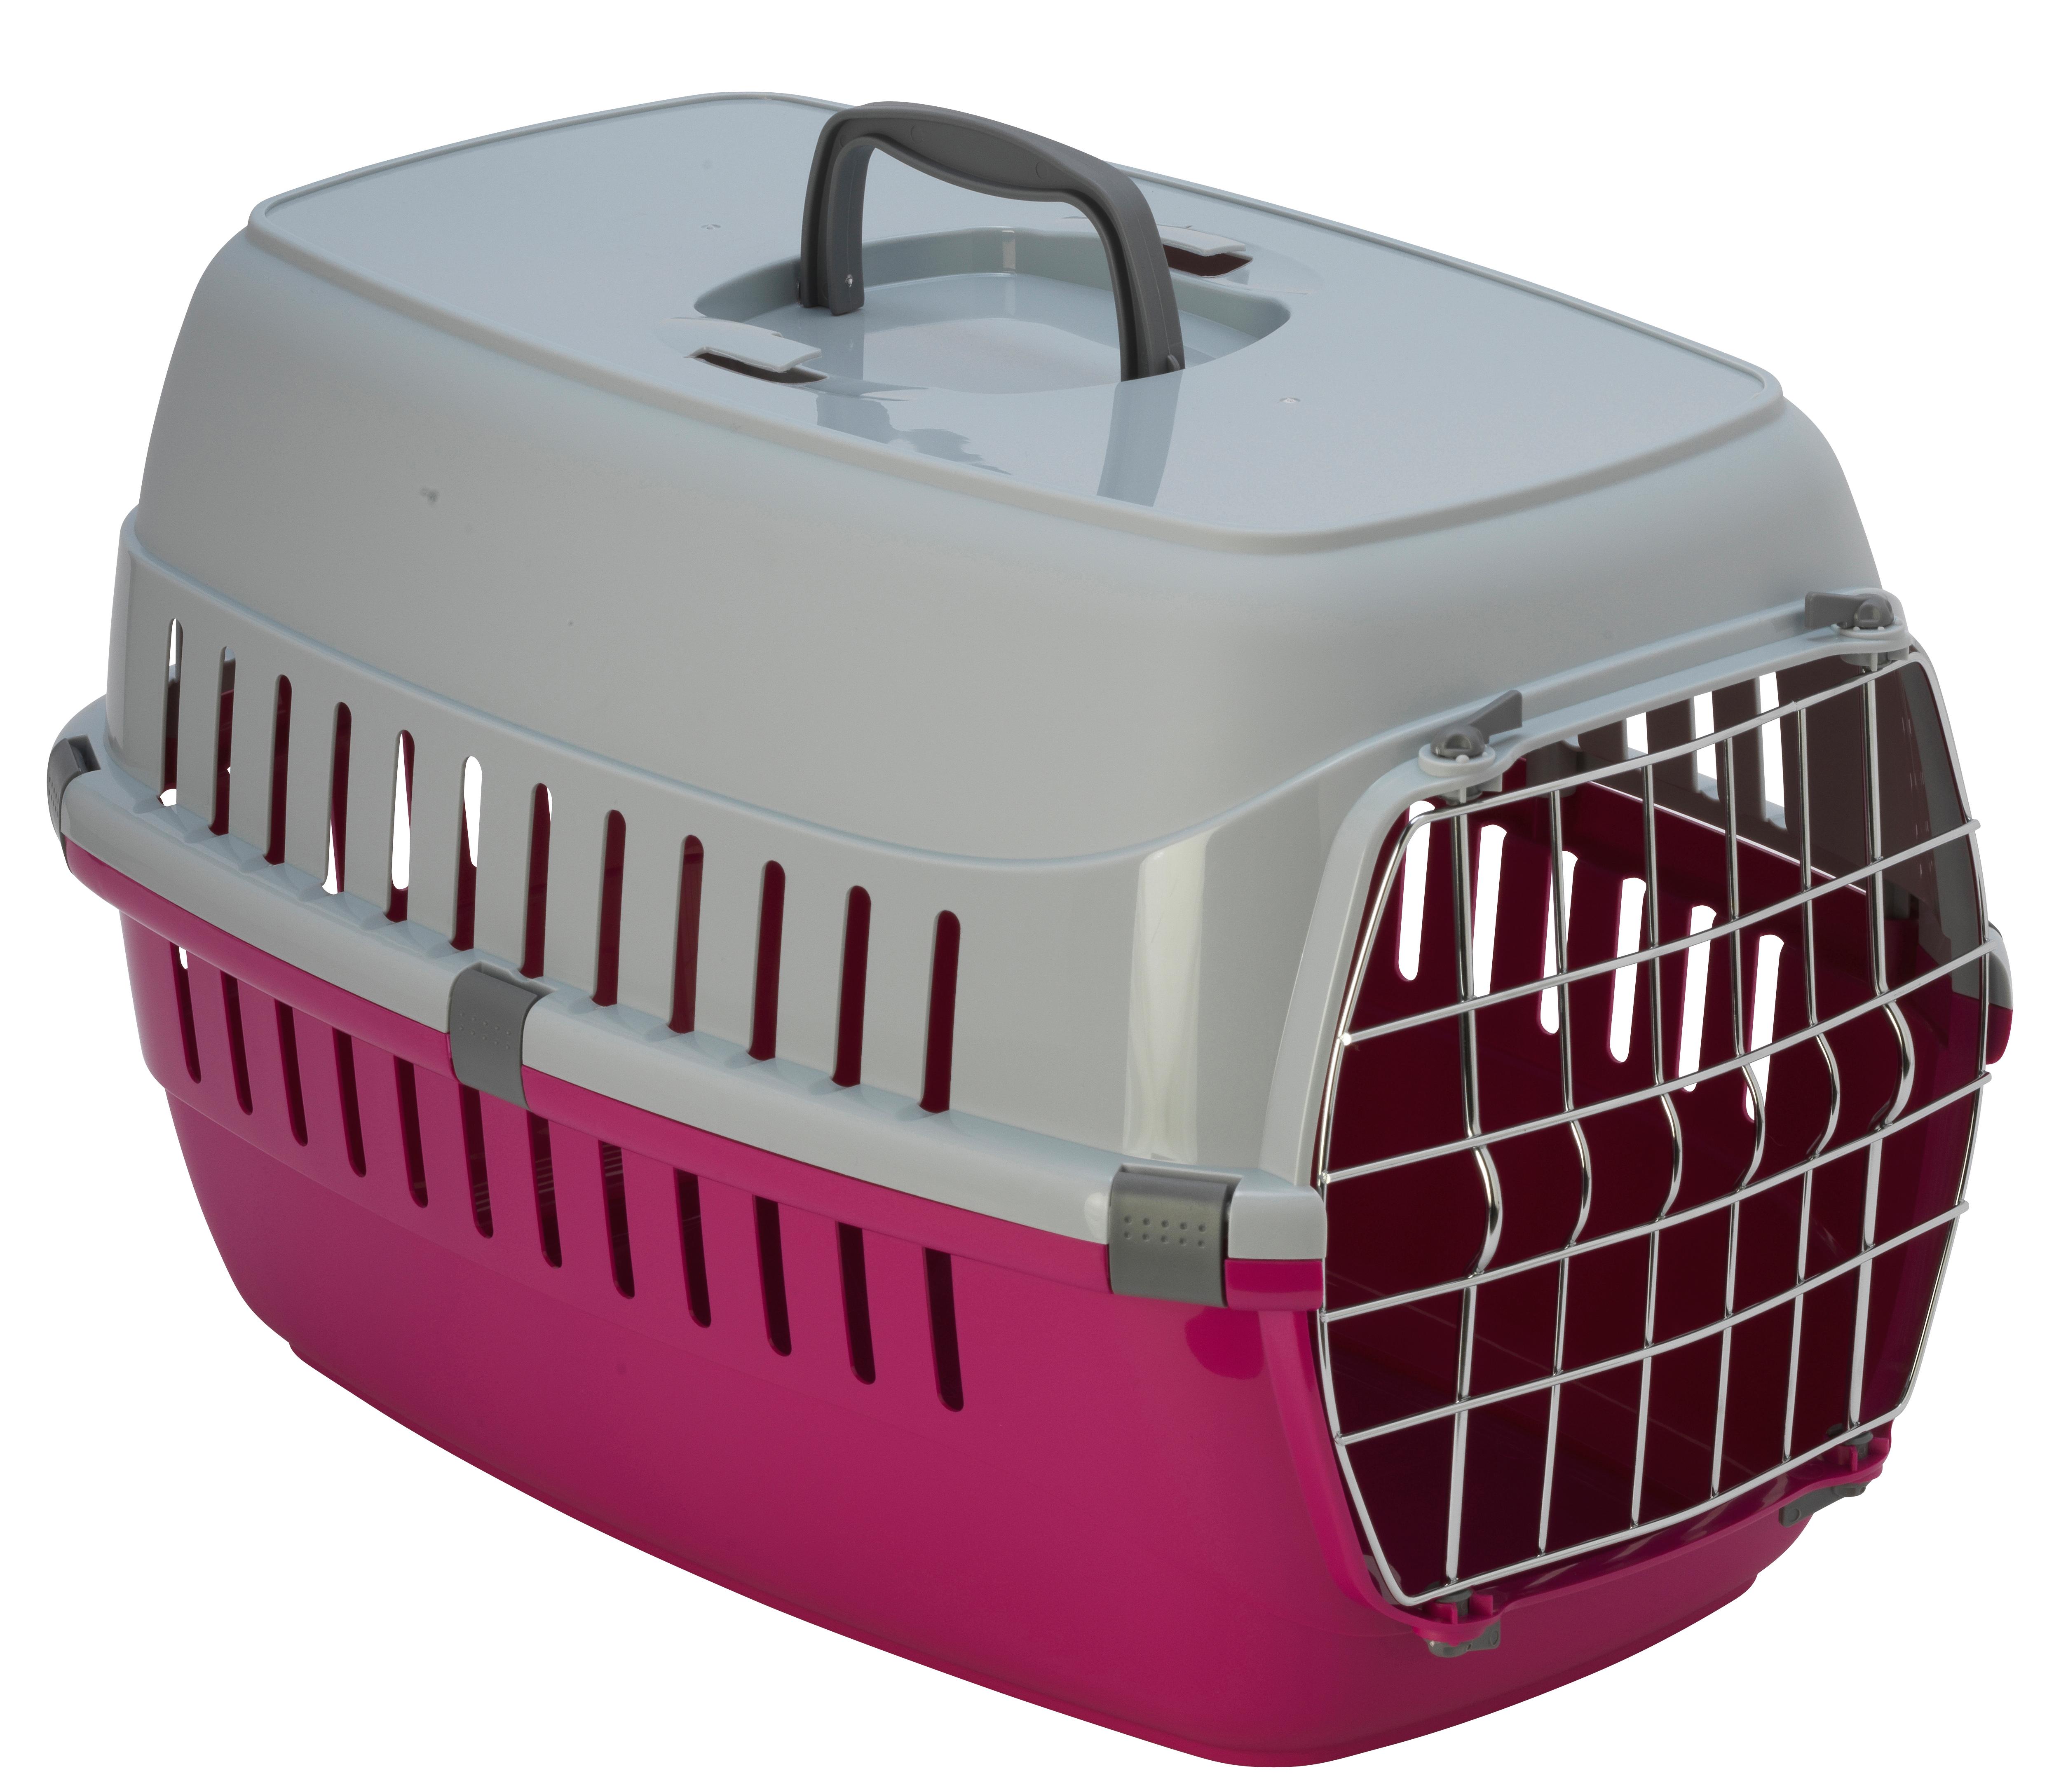 Transportbur Roadrunner 2 Metalldörr Hot Pink MP Hundburar plast Dörr Väskor Hundburar